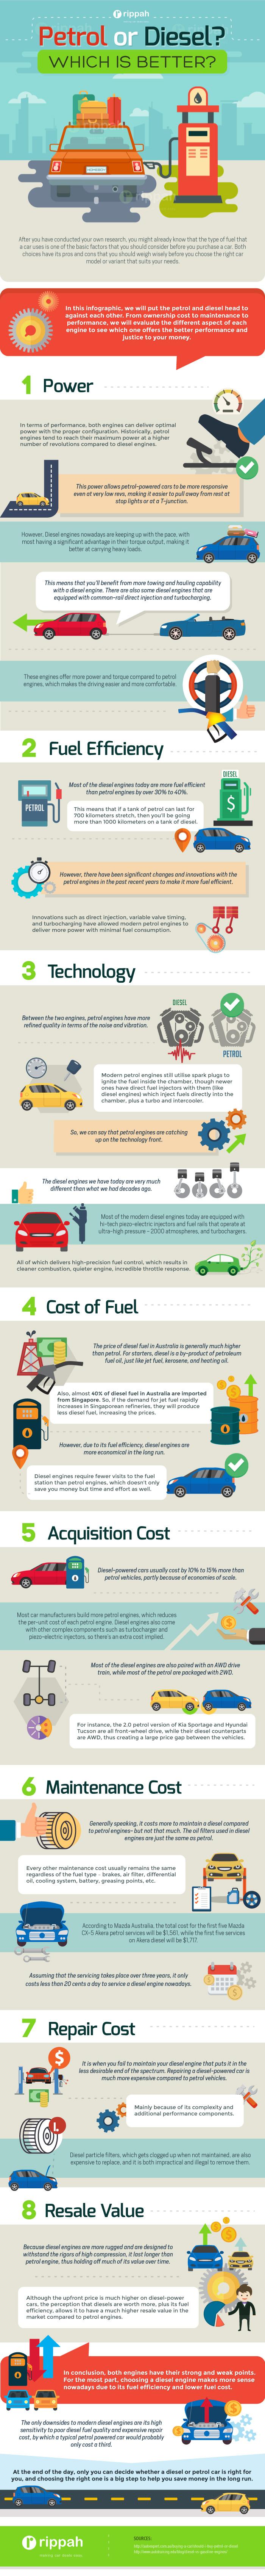 Petrol vs. Diesel [Infographic]